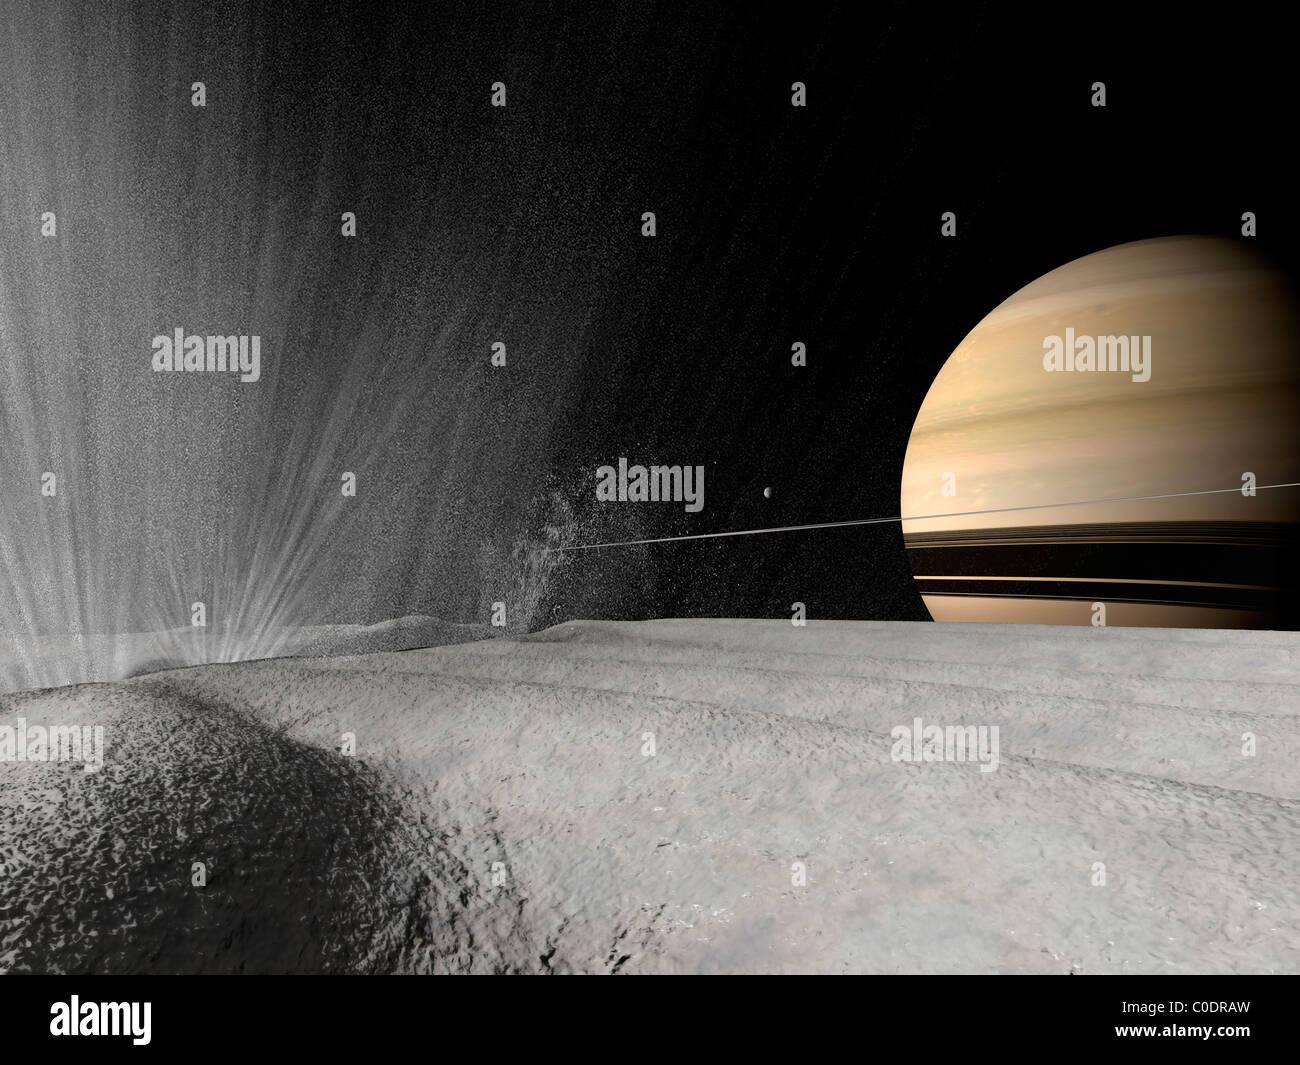 Ilustración de un géiser en erupción en la superficie de Encélado. Imagen De Stock